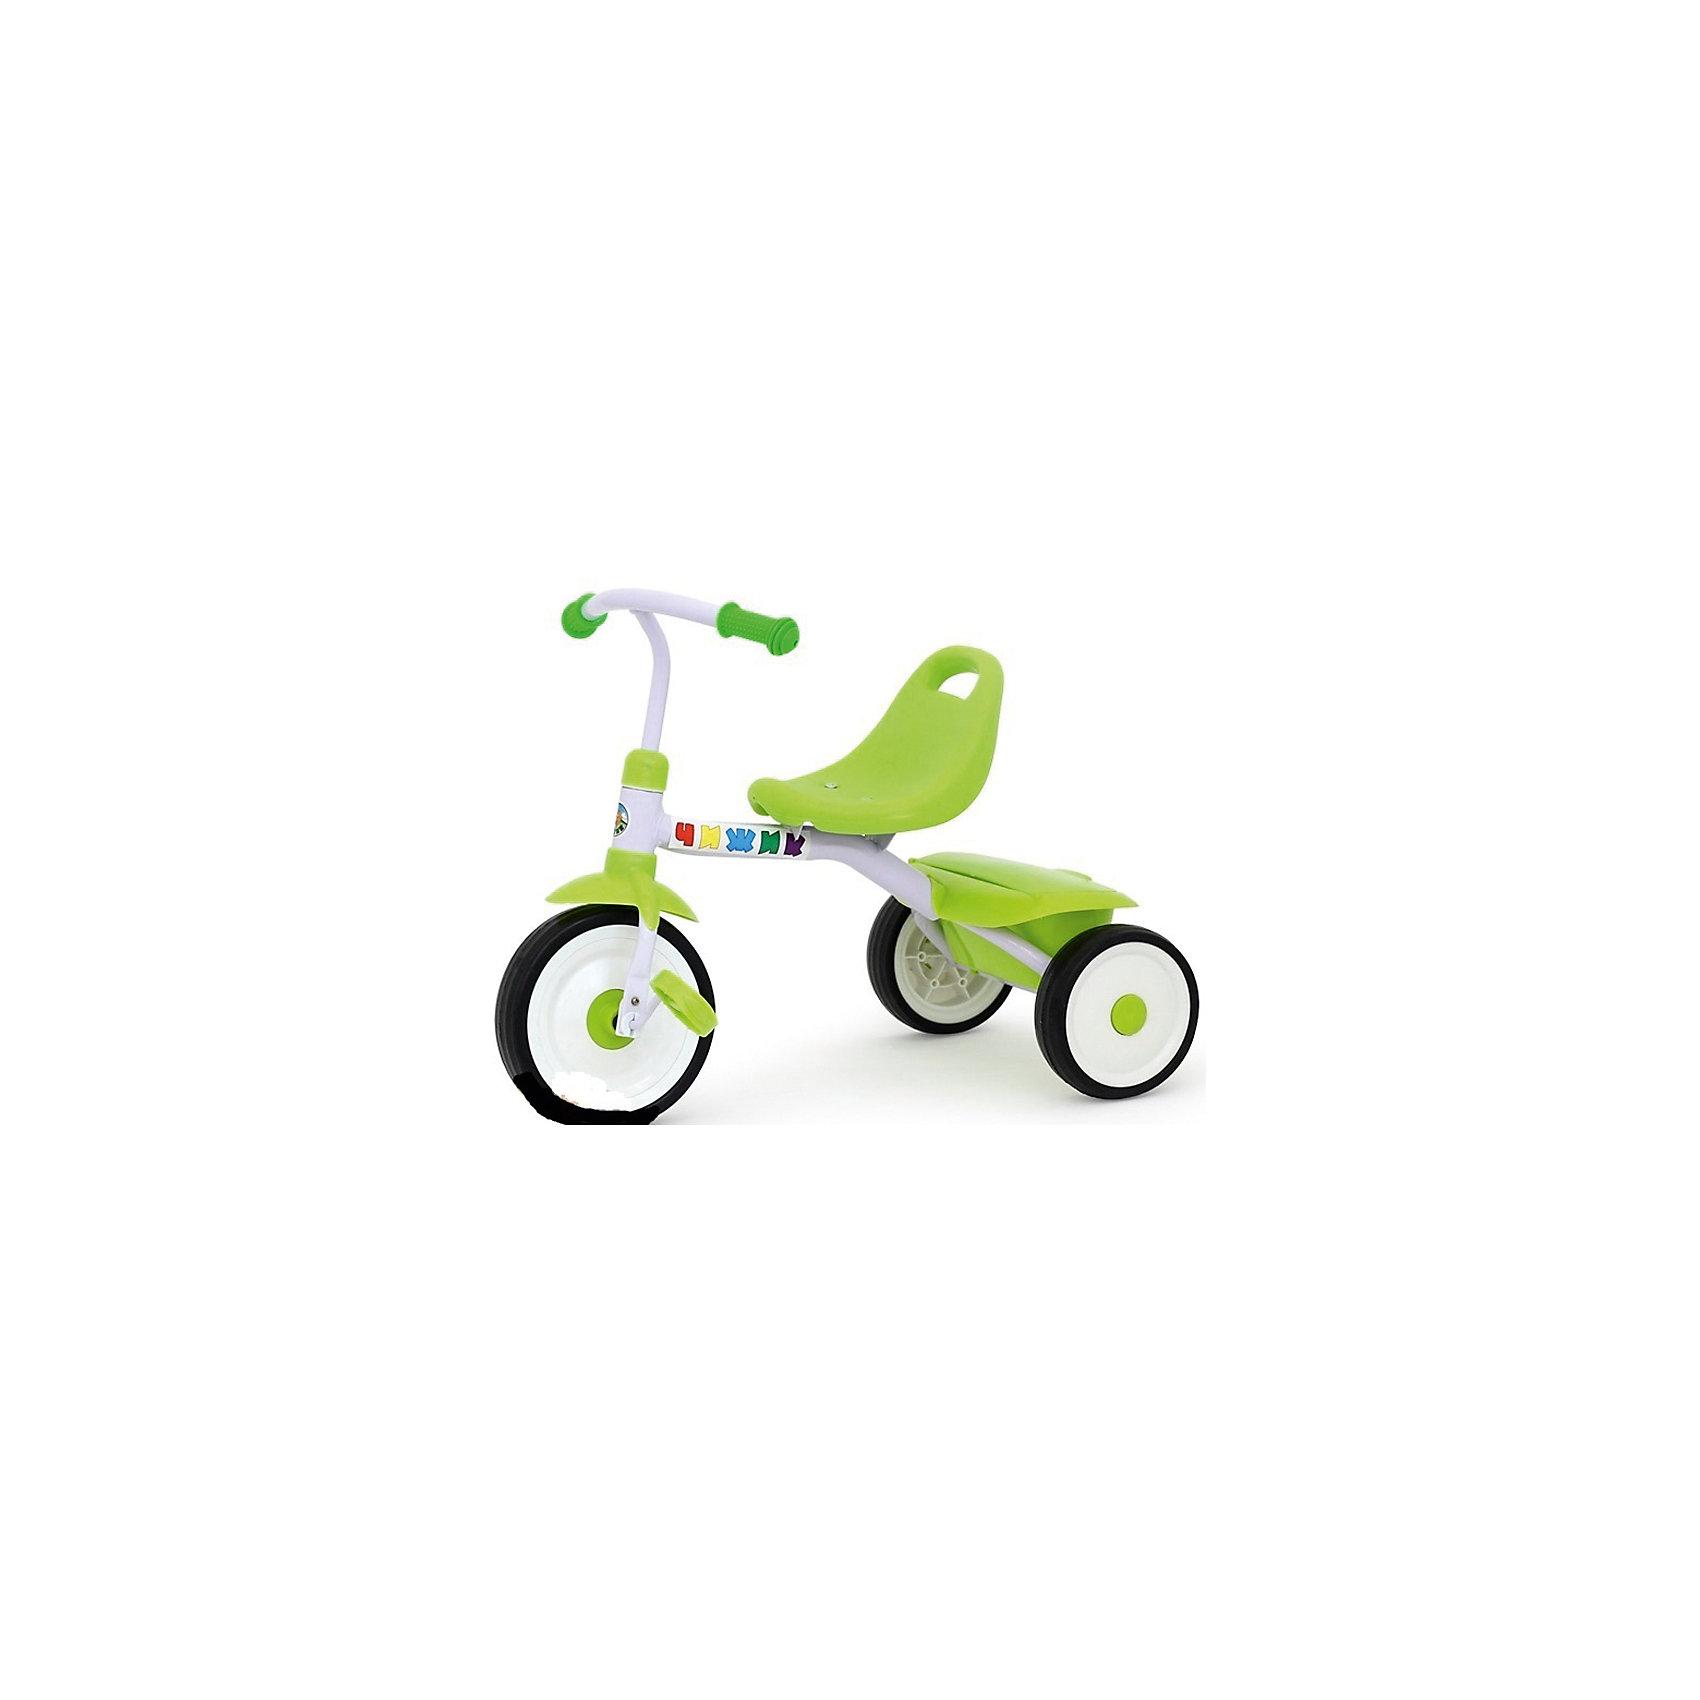 Трехколесный велосипед, Чижик, бело-зеленыйТрехколесный велосипед, Чижик, бело-зеленый<br><br>Яркий детский трехколесный велосипед, Чижик будет идеальным велосипедом для вашего малыша. Удобное пластиковое сидение со спинкой дает малышу возможность сидеть уверенно. Сзади велосипед оснащен корзинкой, которая закрывается краышкой, сюда можно сложить свои игрушки и перевозить их куда угодно! Велосипед рекомендован для детей от 1,5 лет. Длина велосипеда составляет 65 см., высота от пола до сидения – 29 см, а высота от пола до руля составляет 47 см.<br>Дополнительная информация:<br><br>- Материал: пластик, металл <br>- Размер игрушки: 65 *40 *47 см<br><br>Трехколесный велосипед, Чижик, бело-зеленый, можно купить в нашем интернет-магазине.<br>Подробнее:<br>• Для детей в возрасте: от 1,5 до 3 лет<br>• Номер товара: 4809917<br>Страна производитель: Китай<br><br>Ширина мм: 390<br>Глубина мм: 180<br>Высота мм: 280<br>Вес г: 2500<br>Возраст от месяцев: 18<br>Возраст до месяцев: 36<br>Пол: Унисекс<br>Возраст: Детский<br>SKU: 4809917